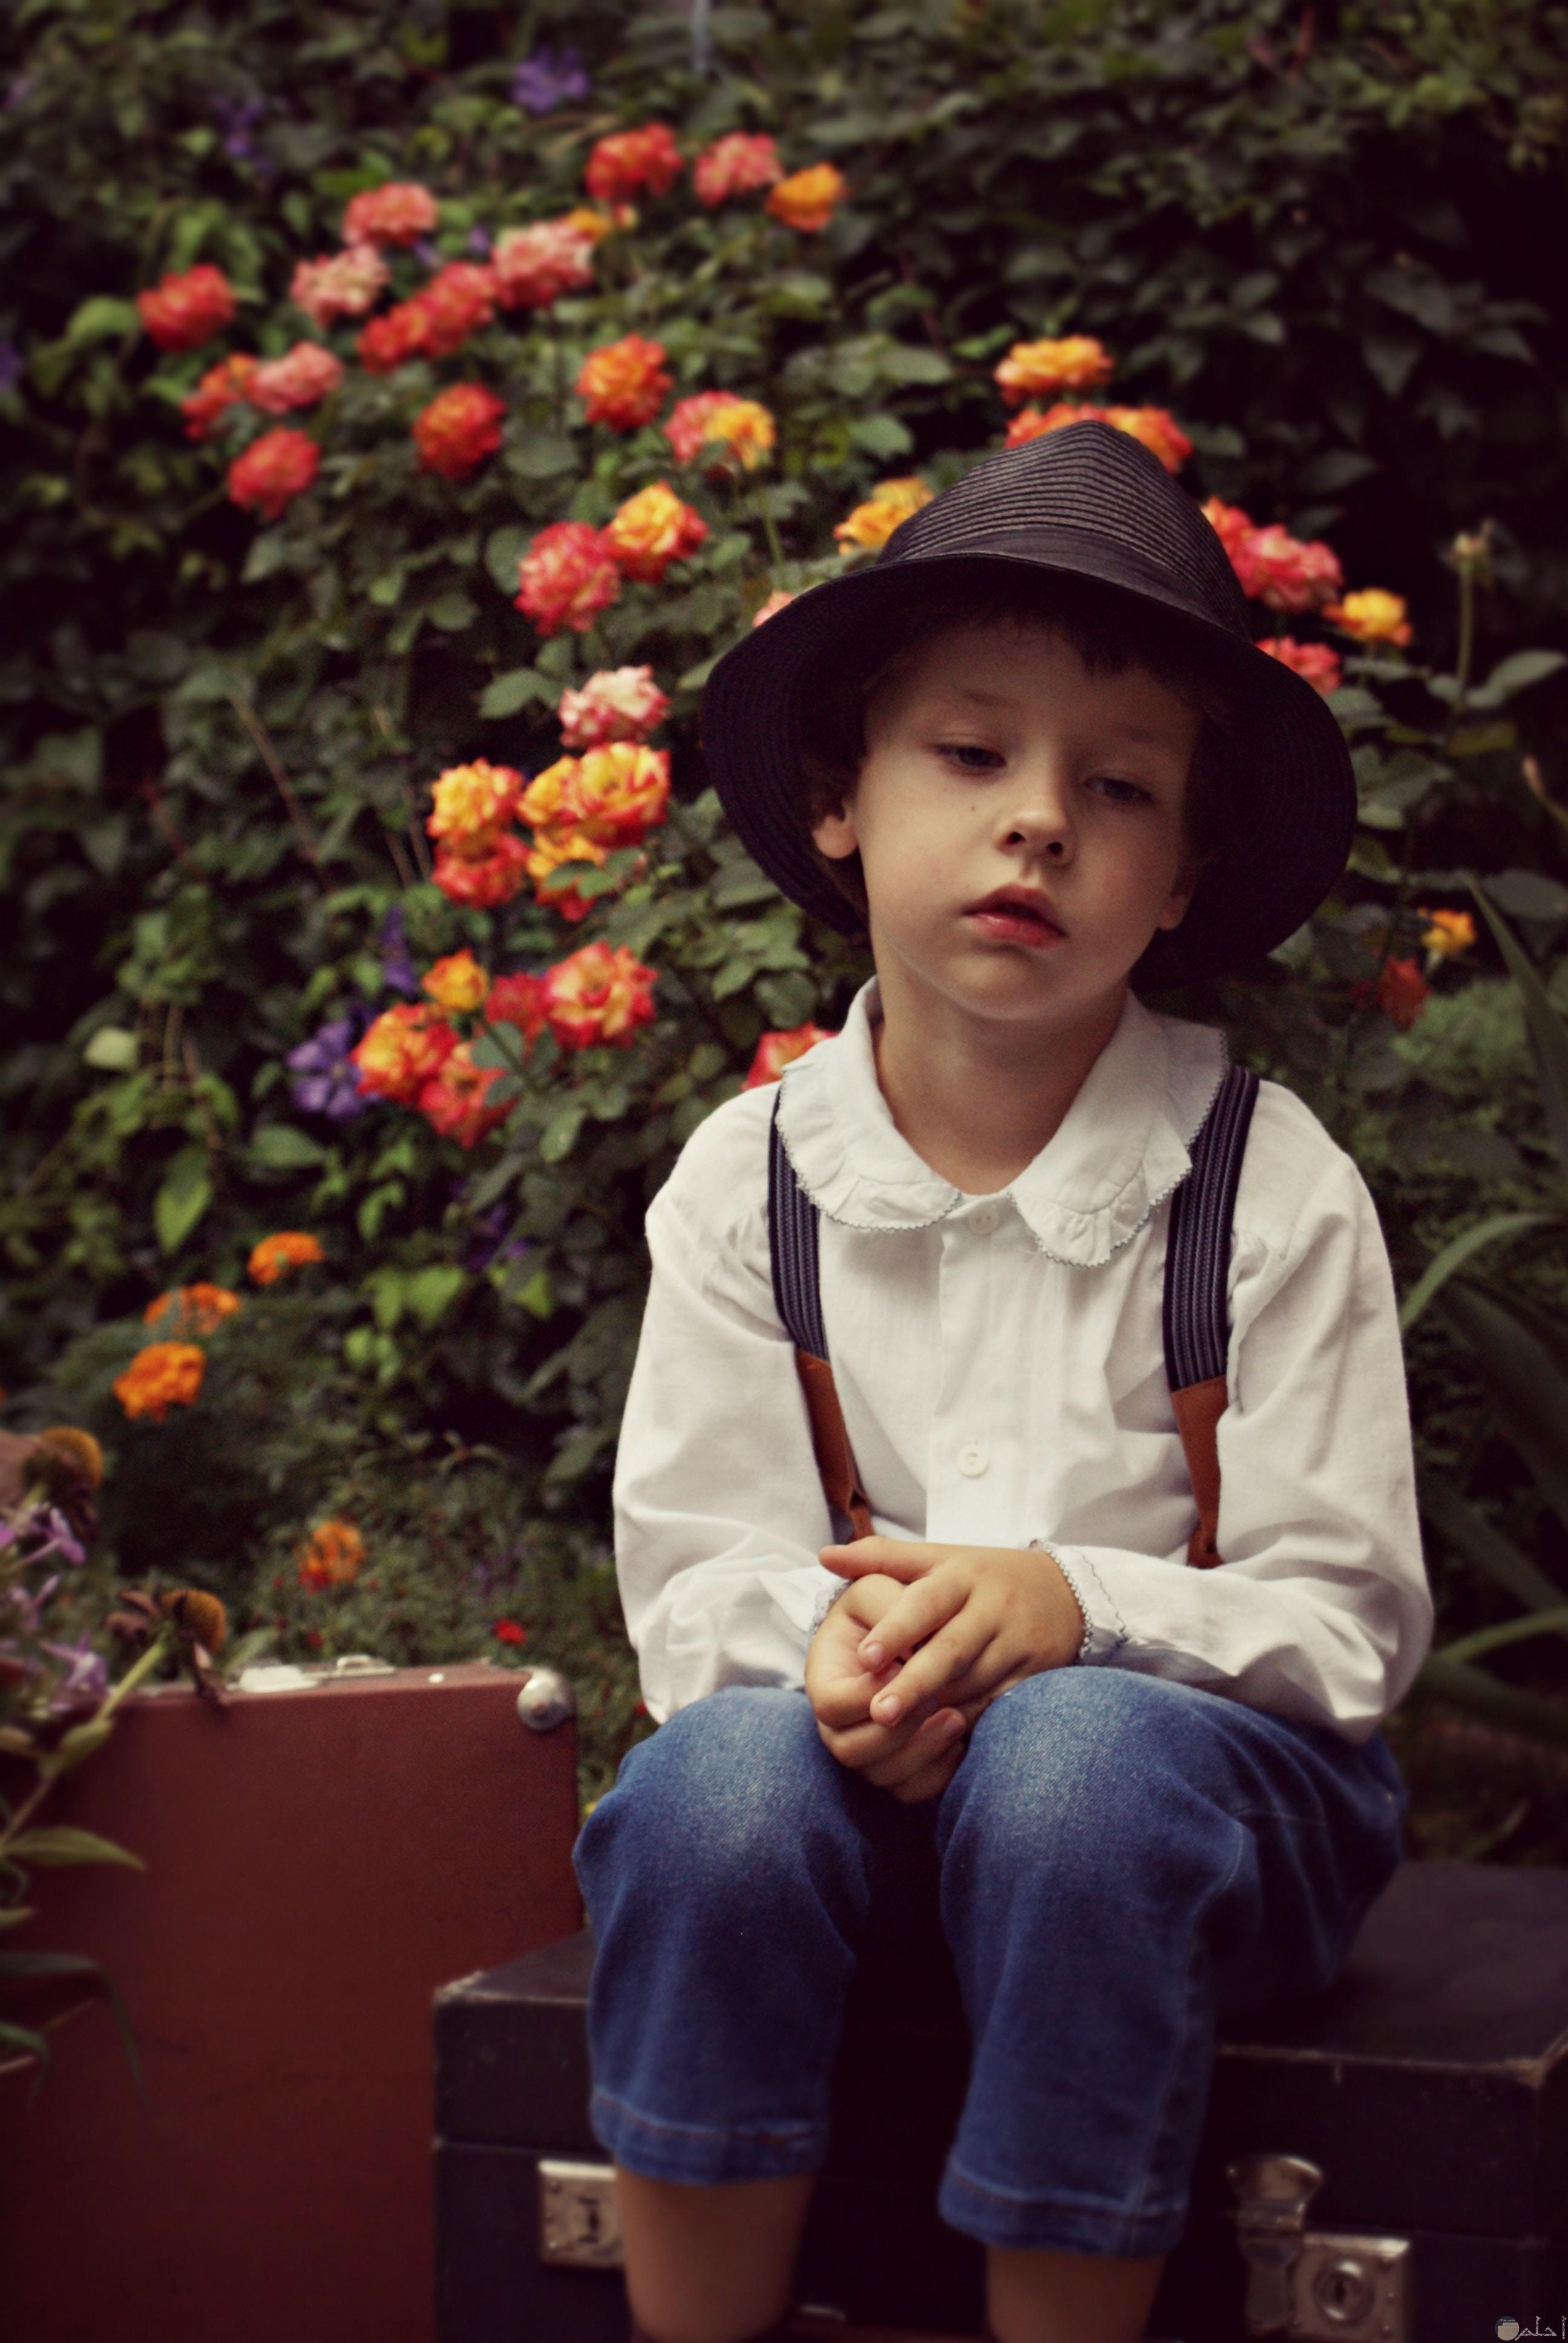 صورة طفل يجلس حزين